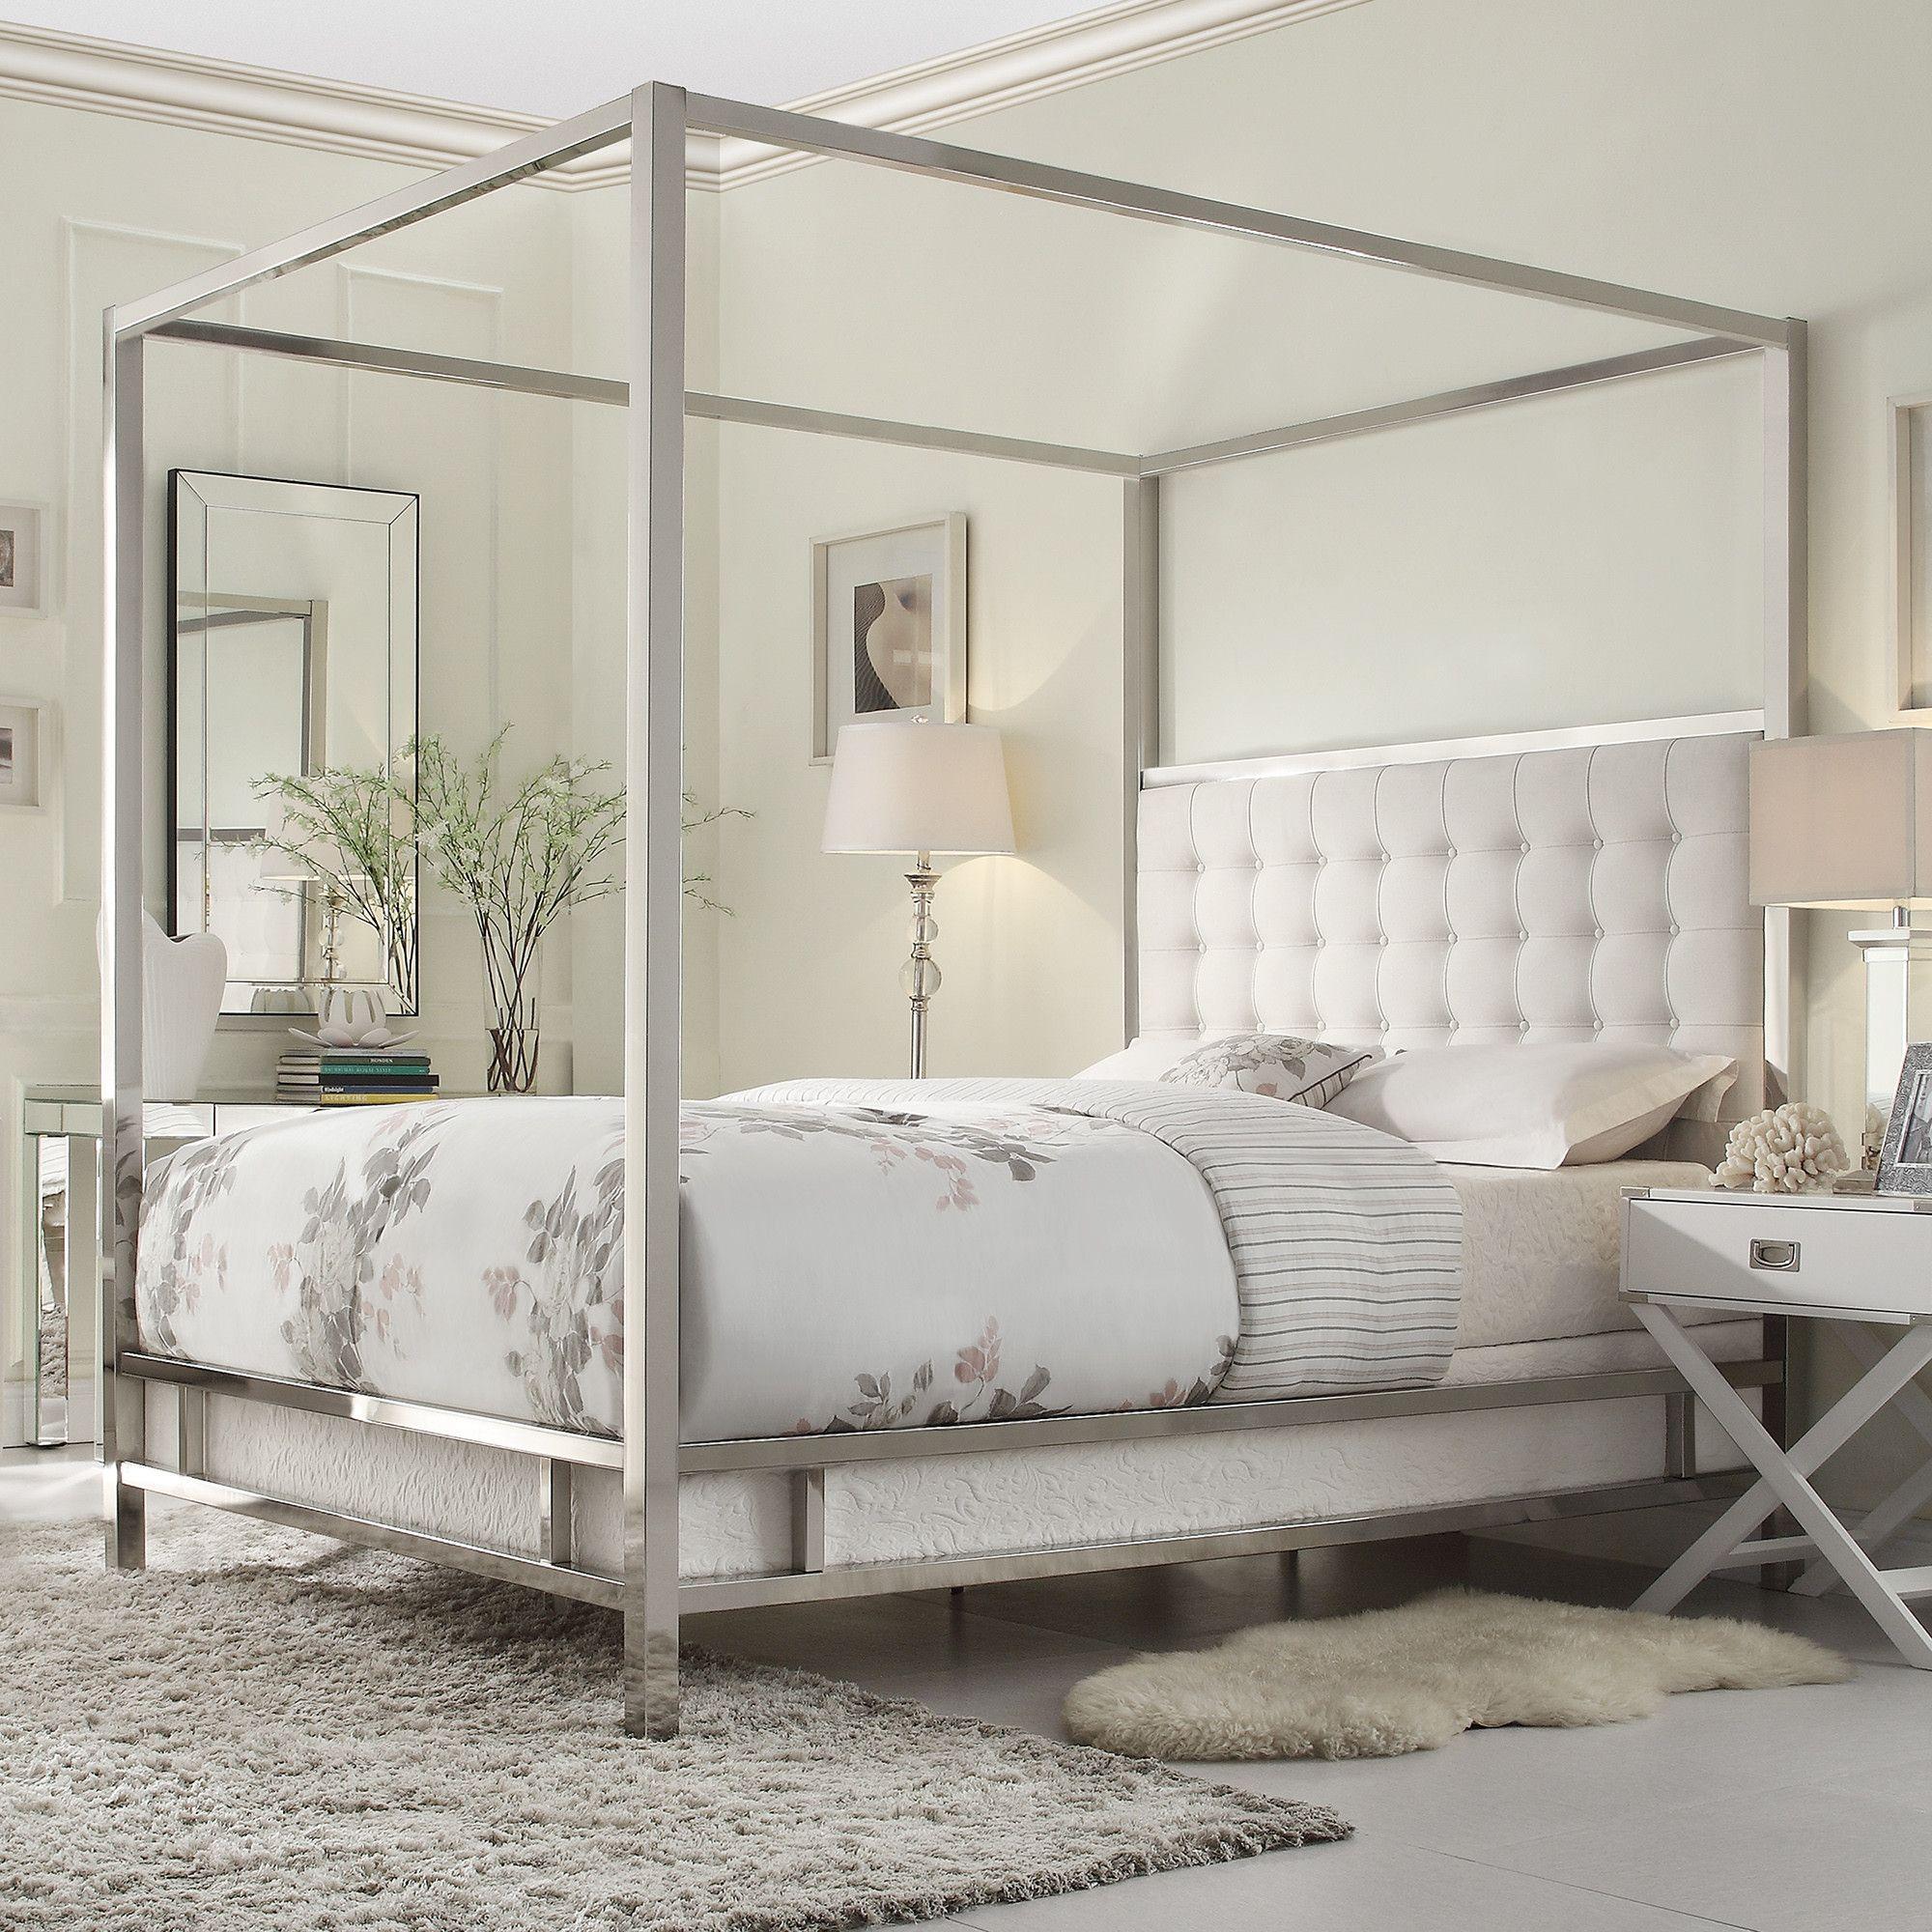 inspiring wayfair bedroom furniture. Kingstown Home Chattel Panel Bed \u0026 Reviews | Wayfair Inspiring Bedroom Furniture A